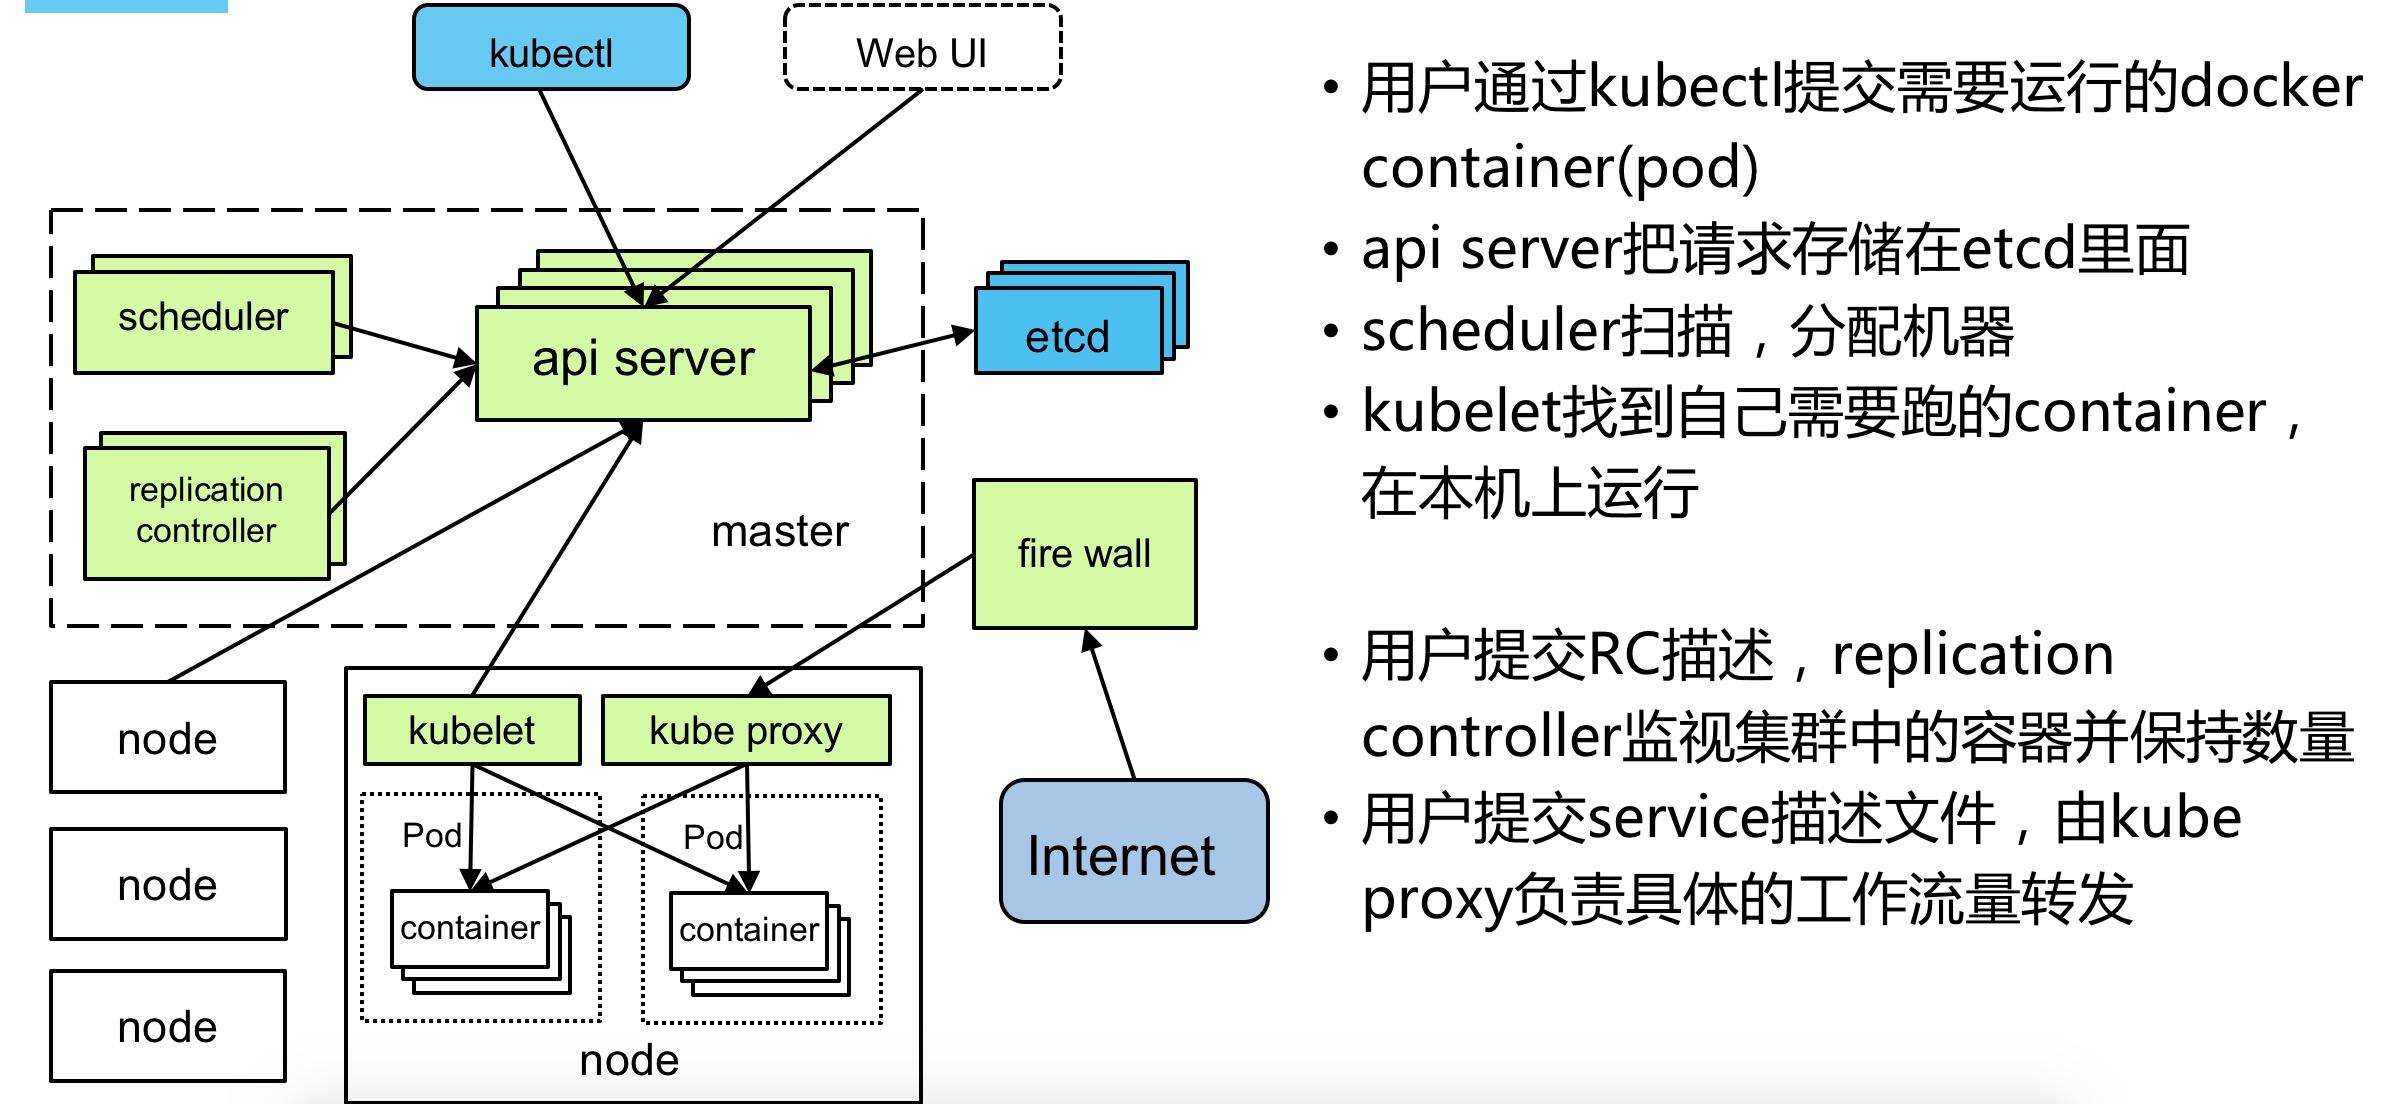 k8s入门系列之概念原理篇 idc资讯 第1张